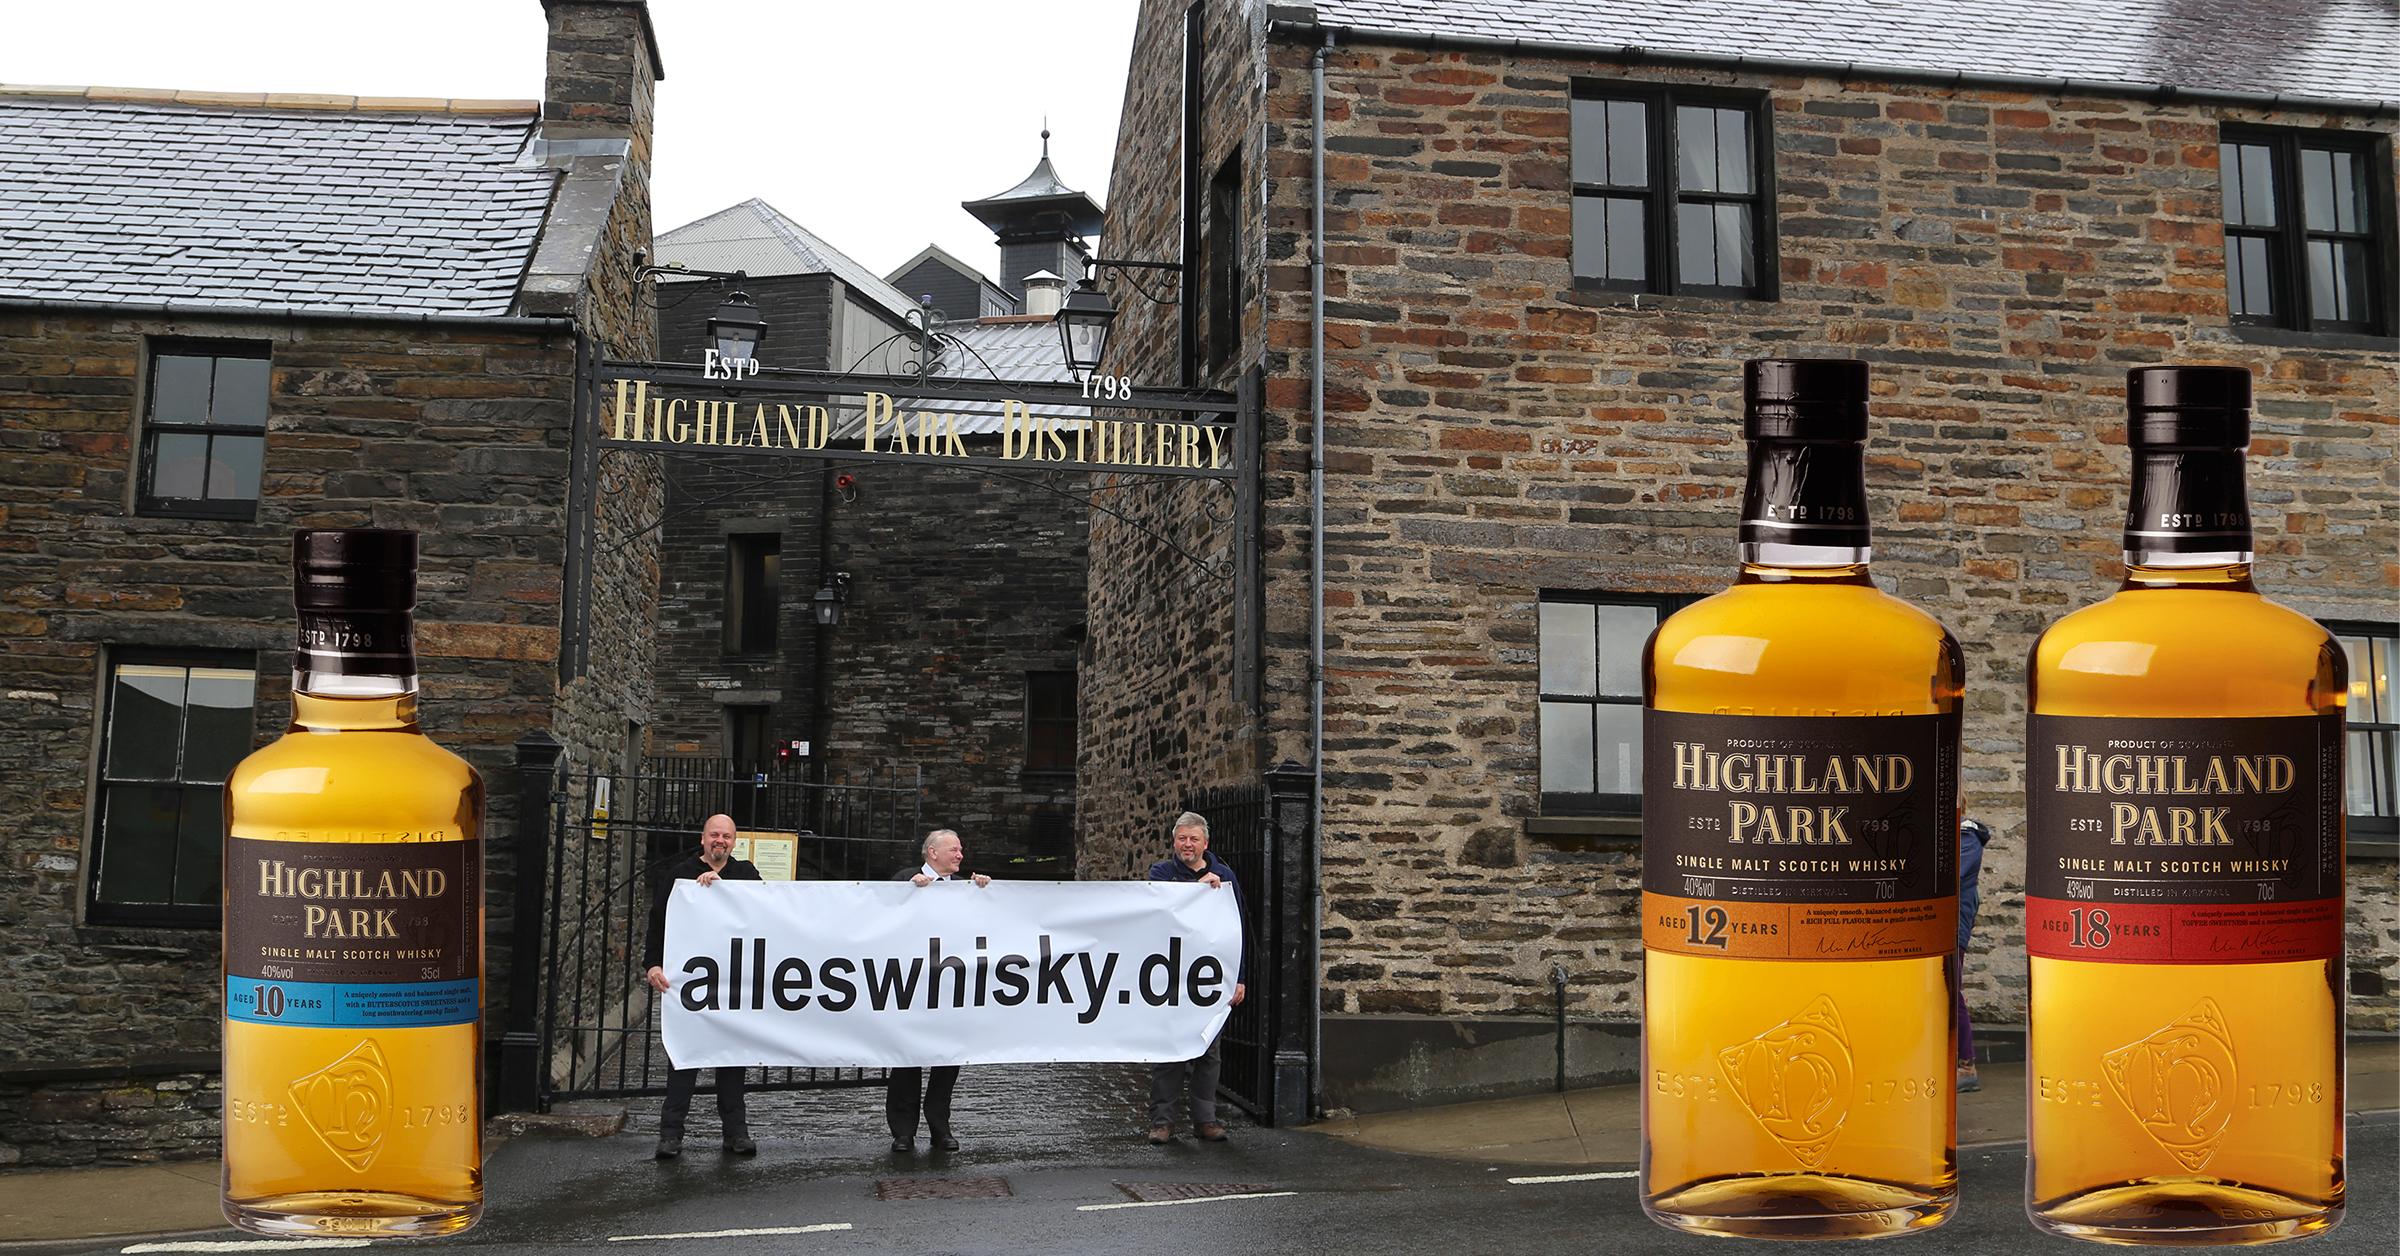 Highland Park Produktpalette mit dem 10 Jahre Halbe Flasche und dem 12 und 18 Jahre Single Malt Whisky